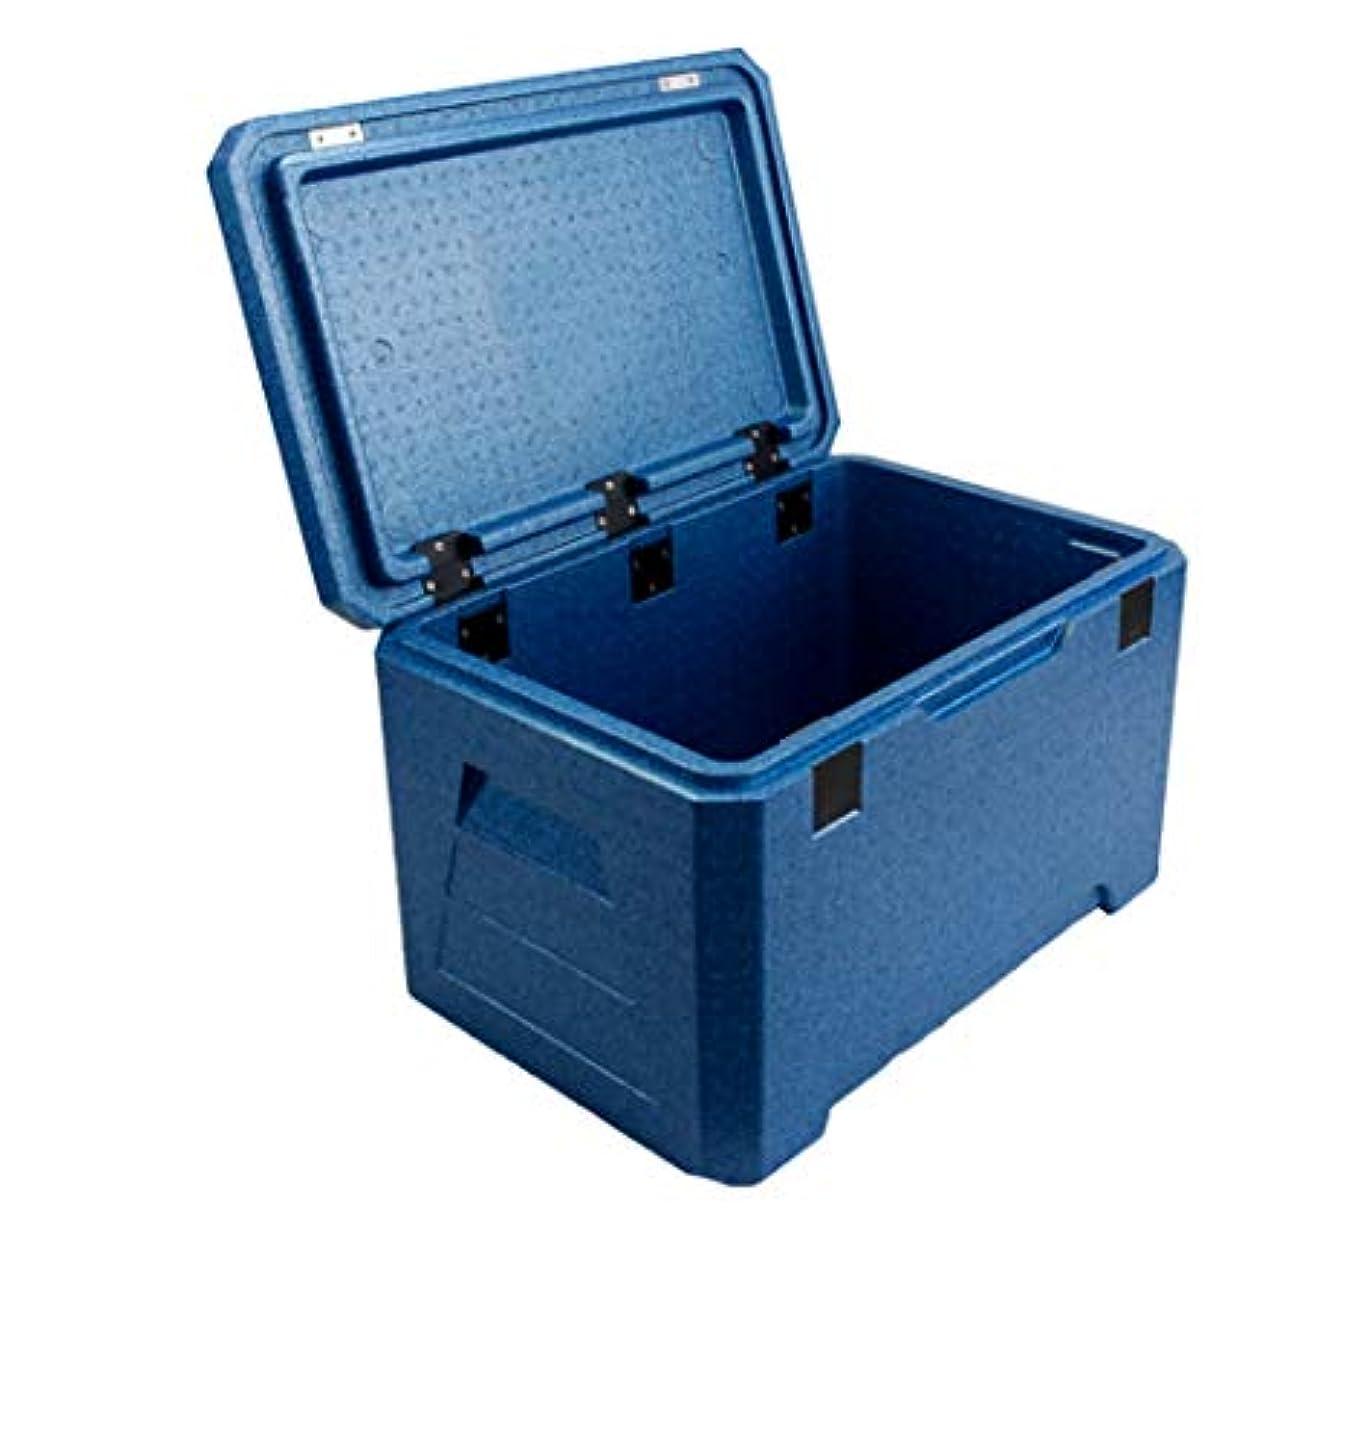 損傷どこでもレモン53lクーラーボックスコールドアイスボックス断熱ボックスエップフォームボックステイクアウトファーストフードボックスシーフード配布ボックス新鮮な冷凍庫